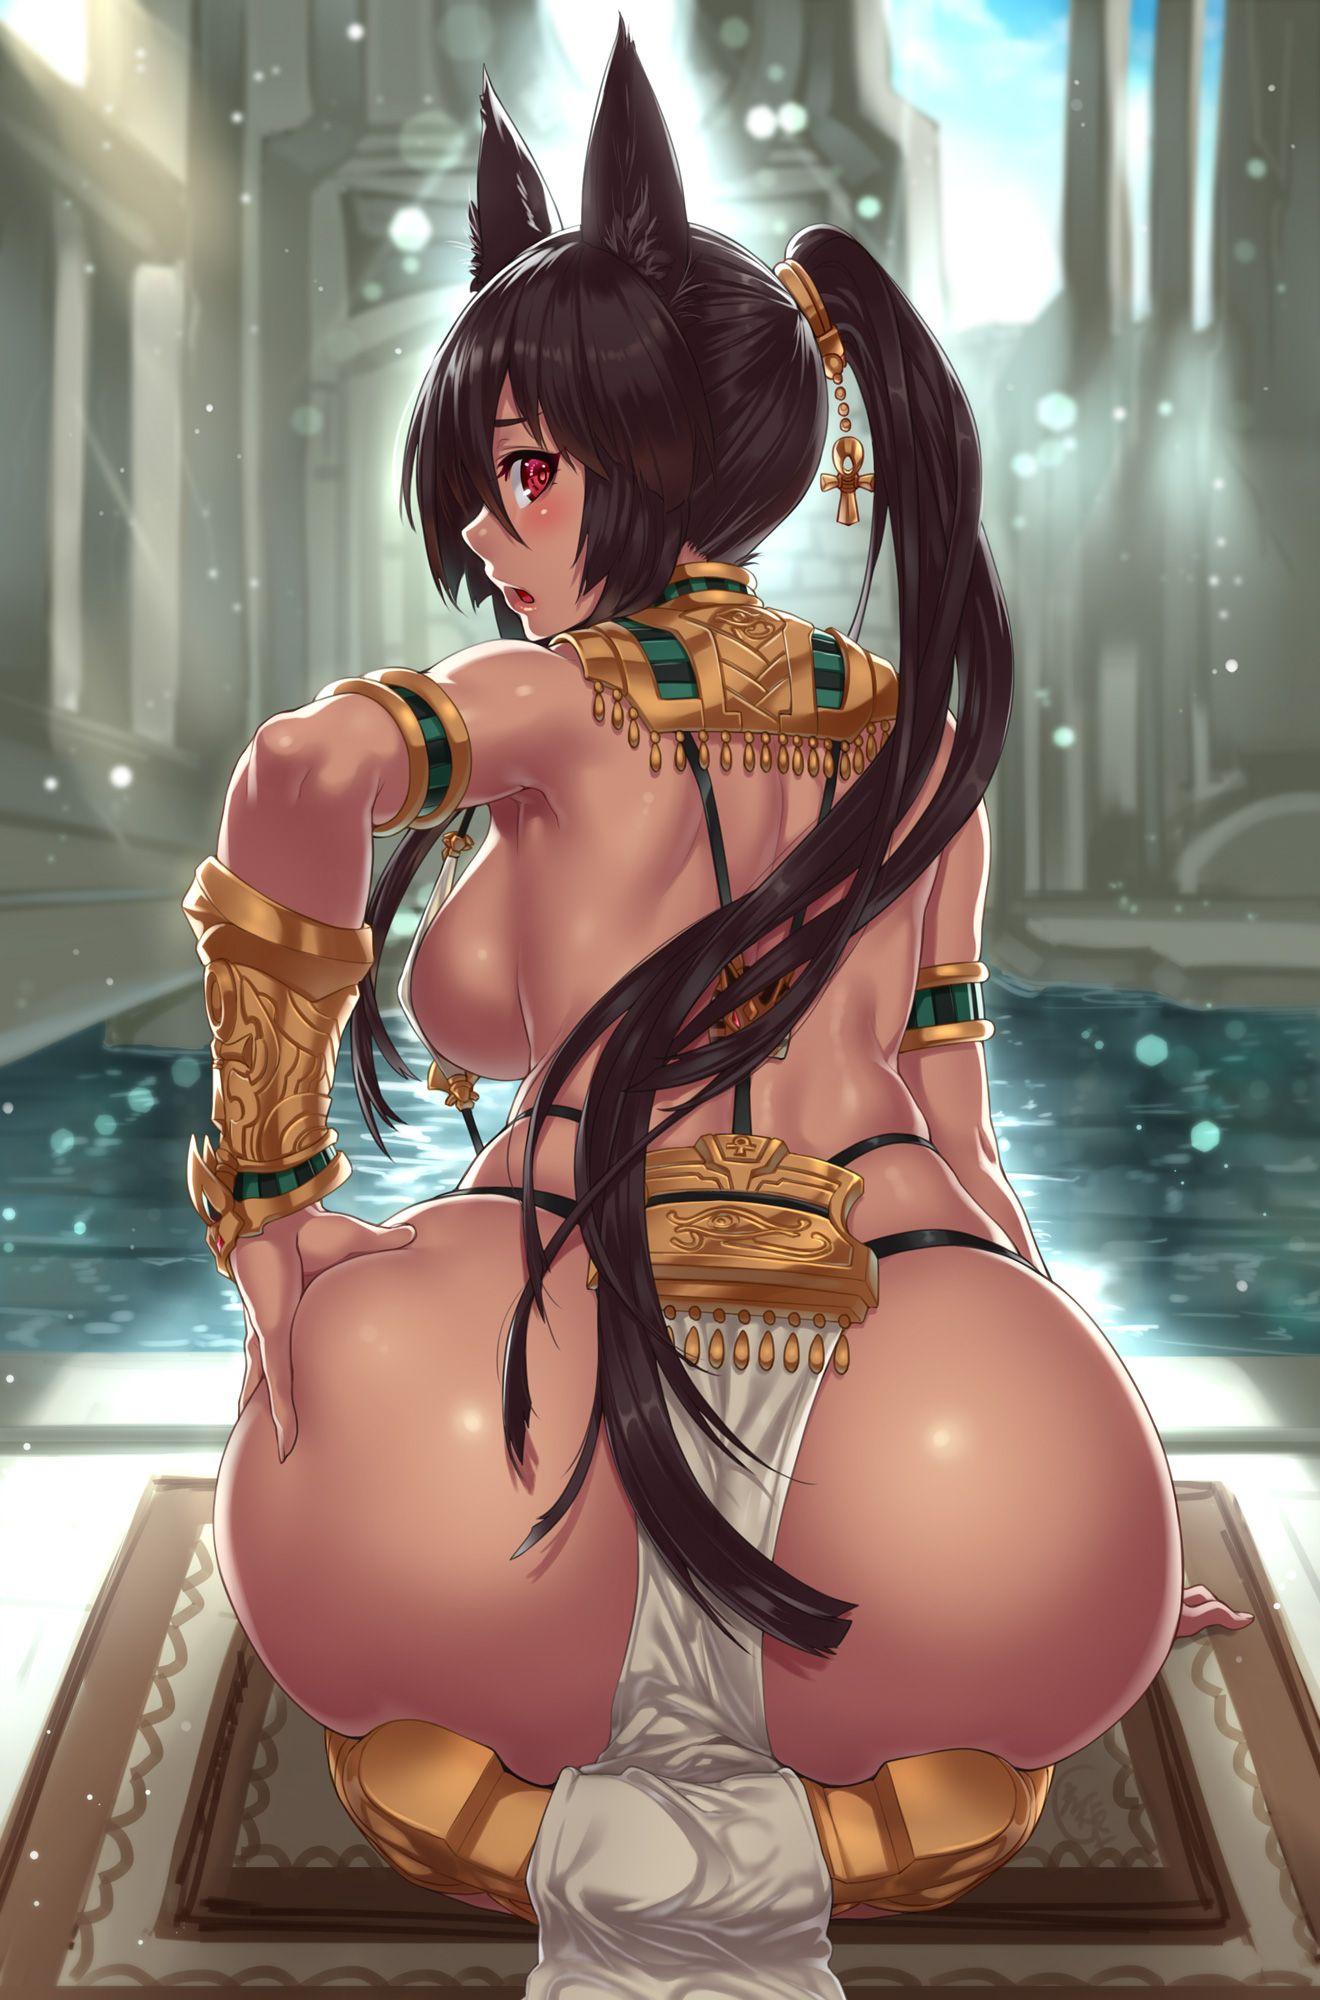 Divine Harem-(Shiori/+18) 4d98d6ad0811a3d7d5794ec4544ec960